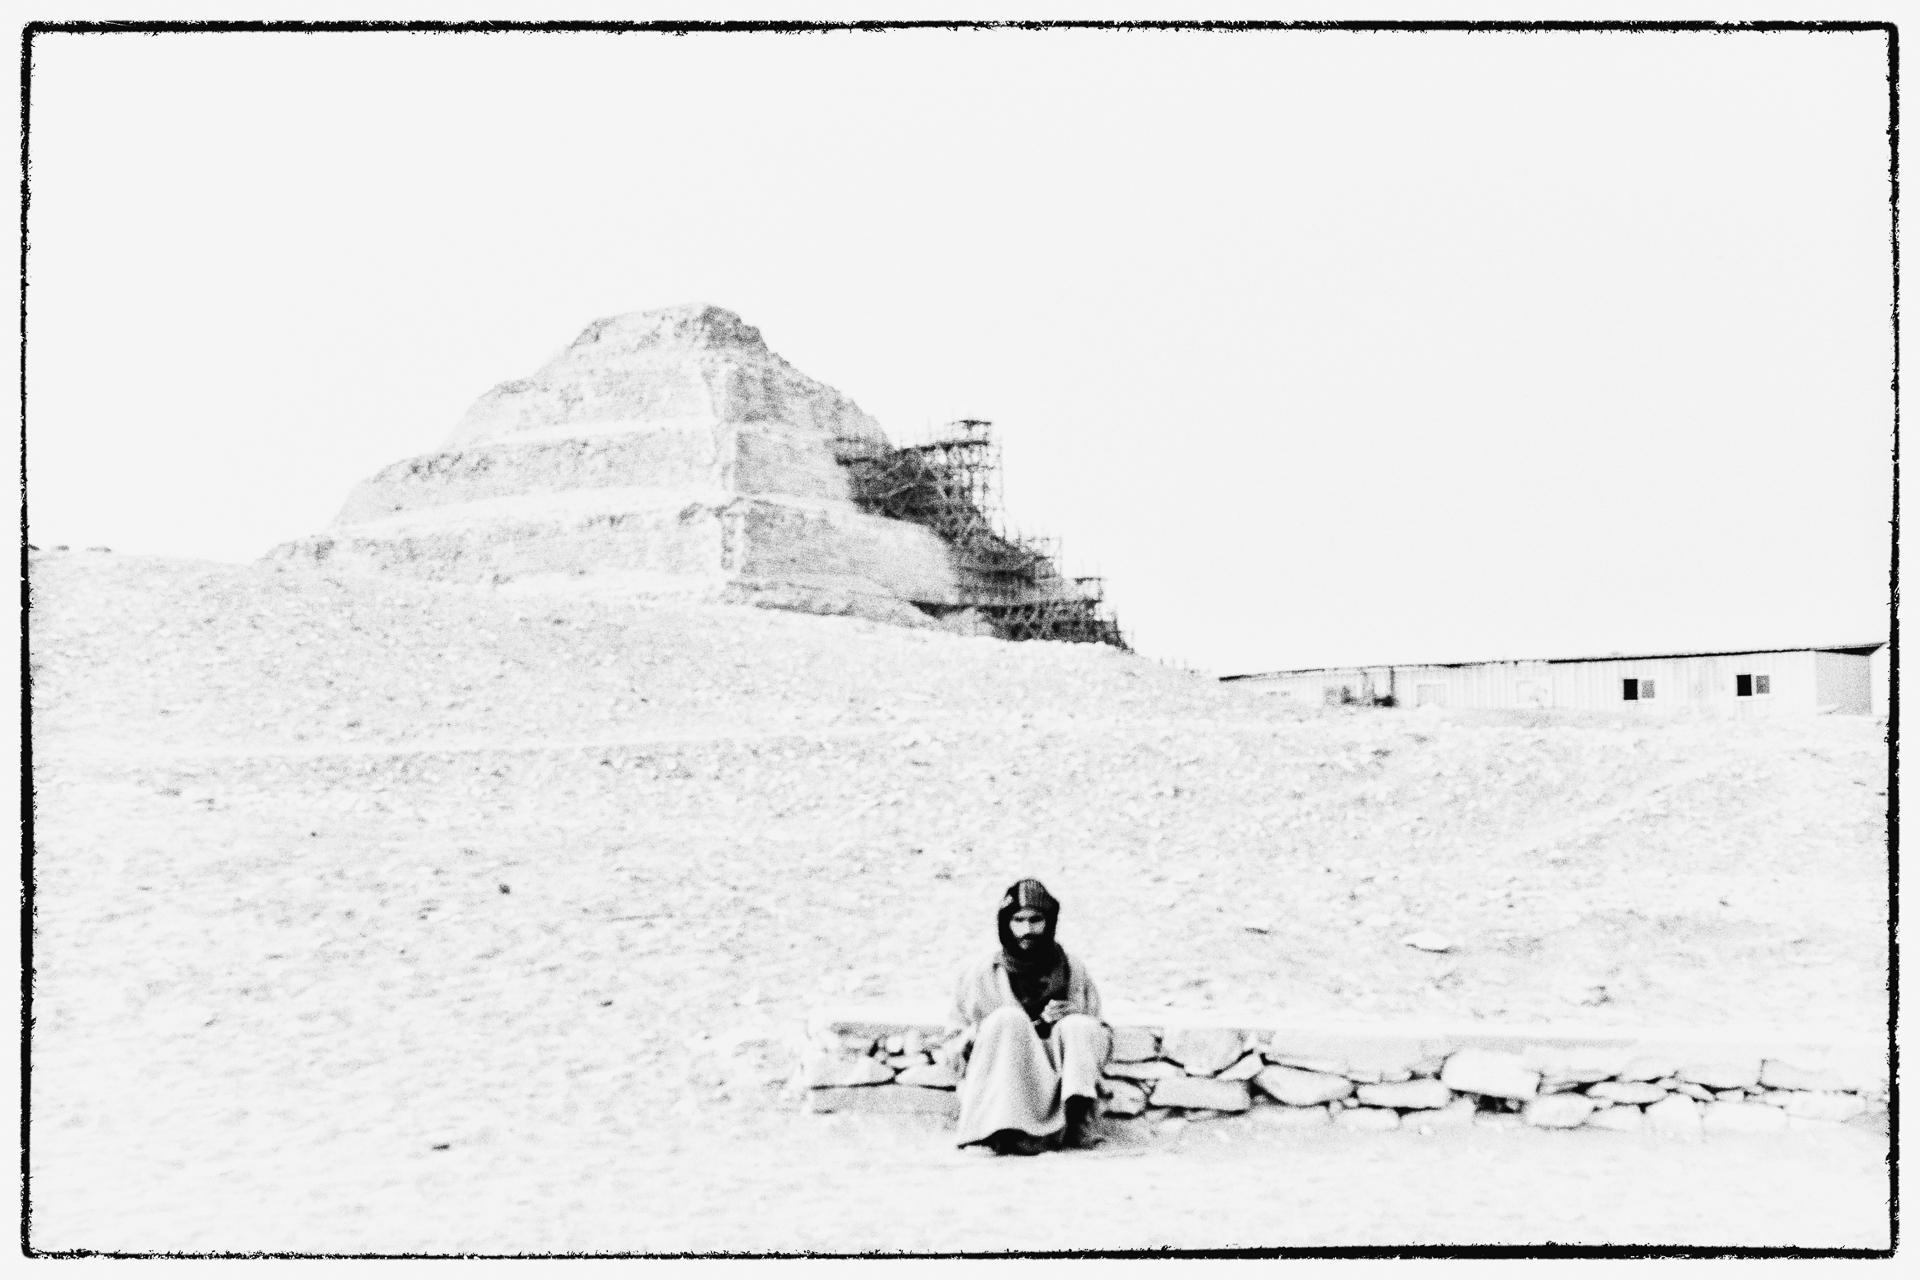 Egypt Life-22-2018-12-02